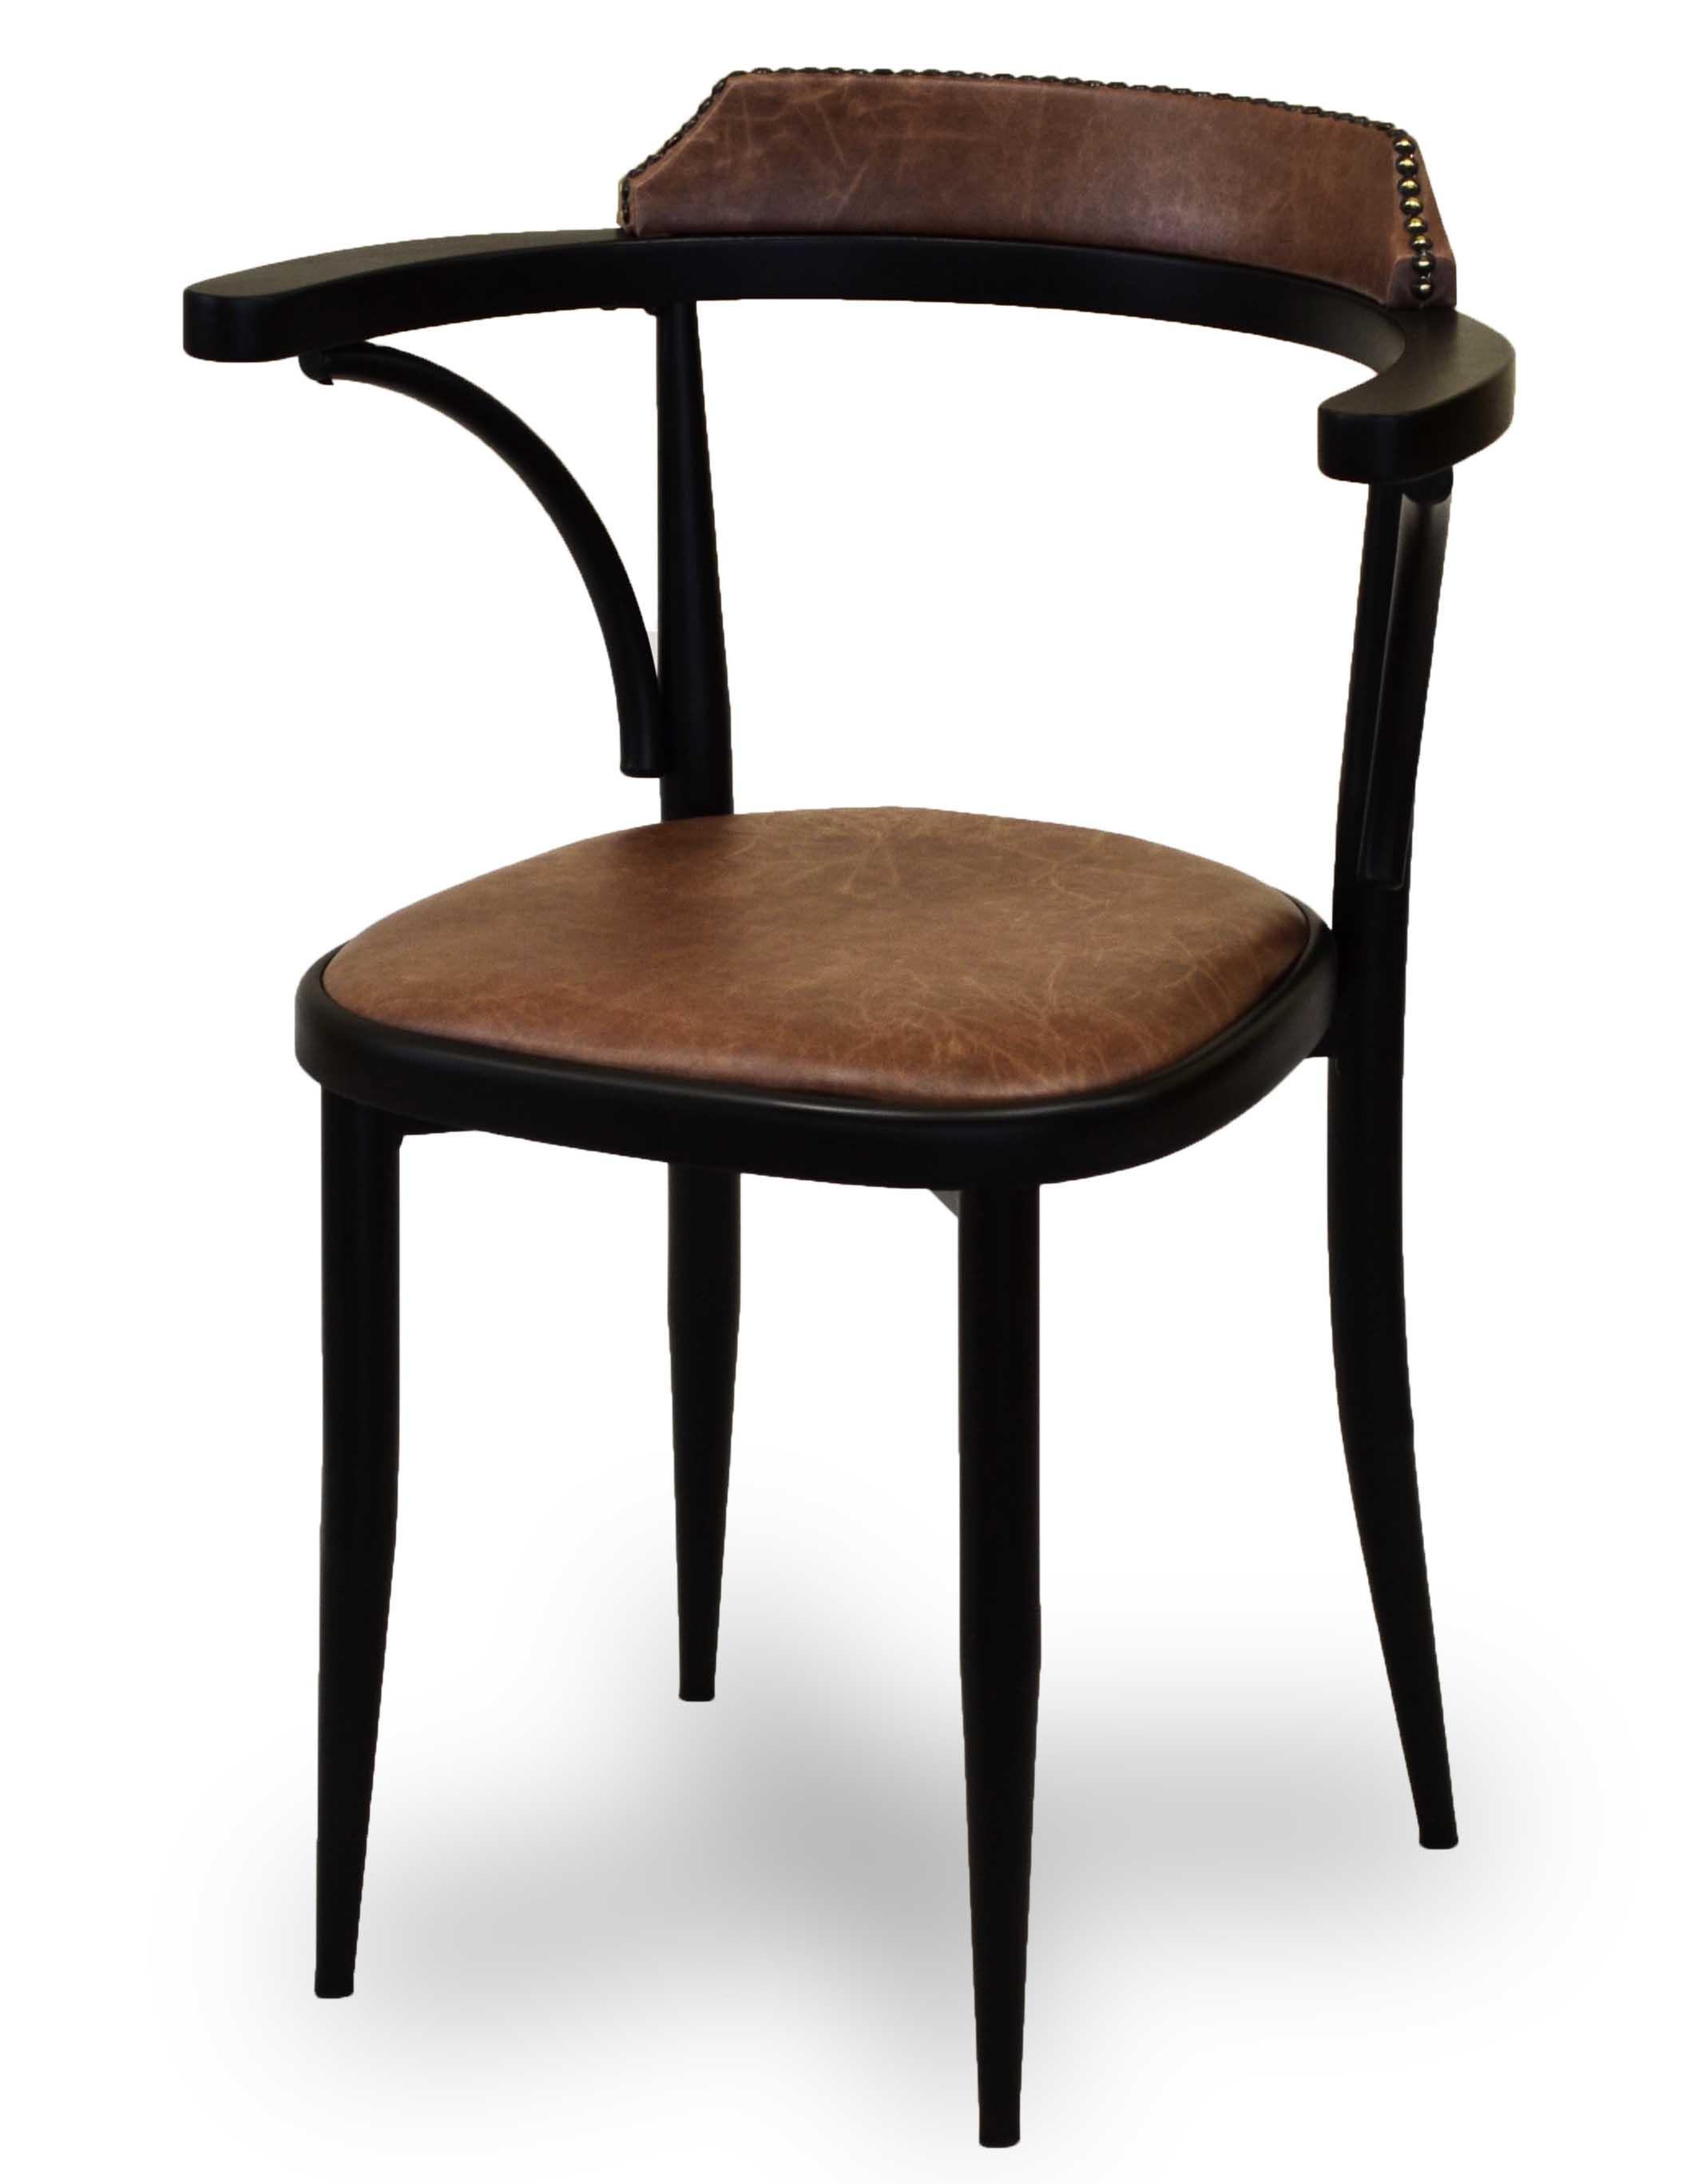 Μεταλλική πολυθρόνα με ξύλο στην πλάτη Σιδερένια κατασκευή με ηλεκτροστατική βαφή Το κάθισμα μπορεί να γίνει από δερμάτινη ύφασμα ή ξύλο στα χρώματα της επιλογής σας